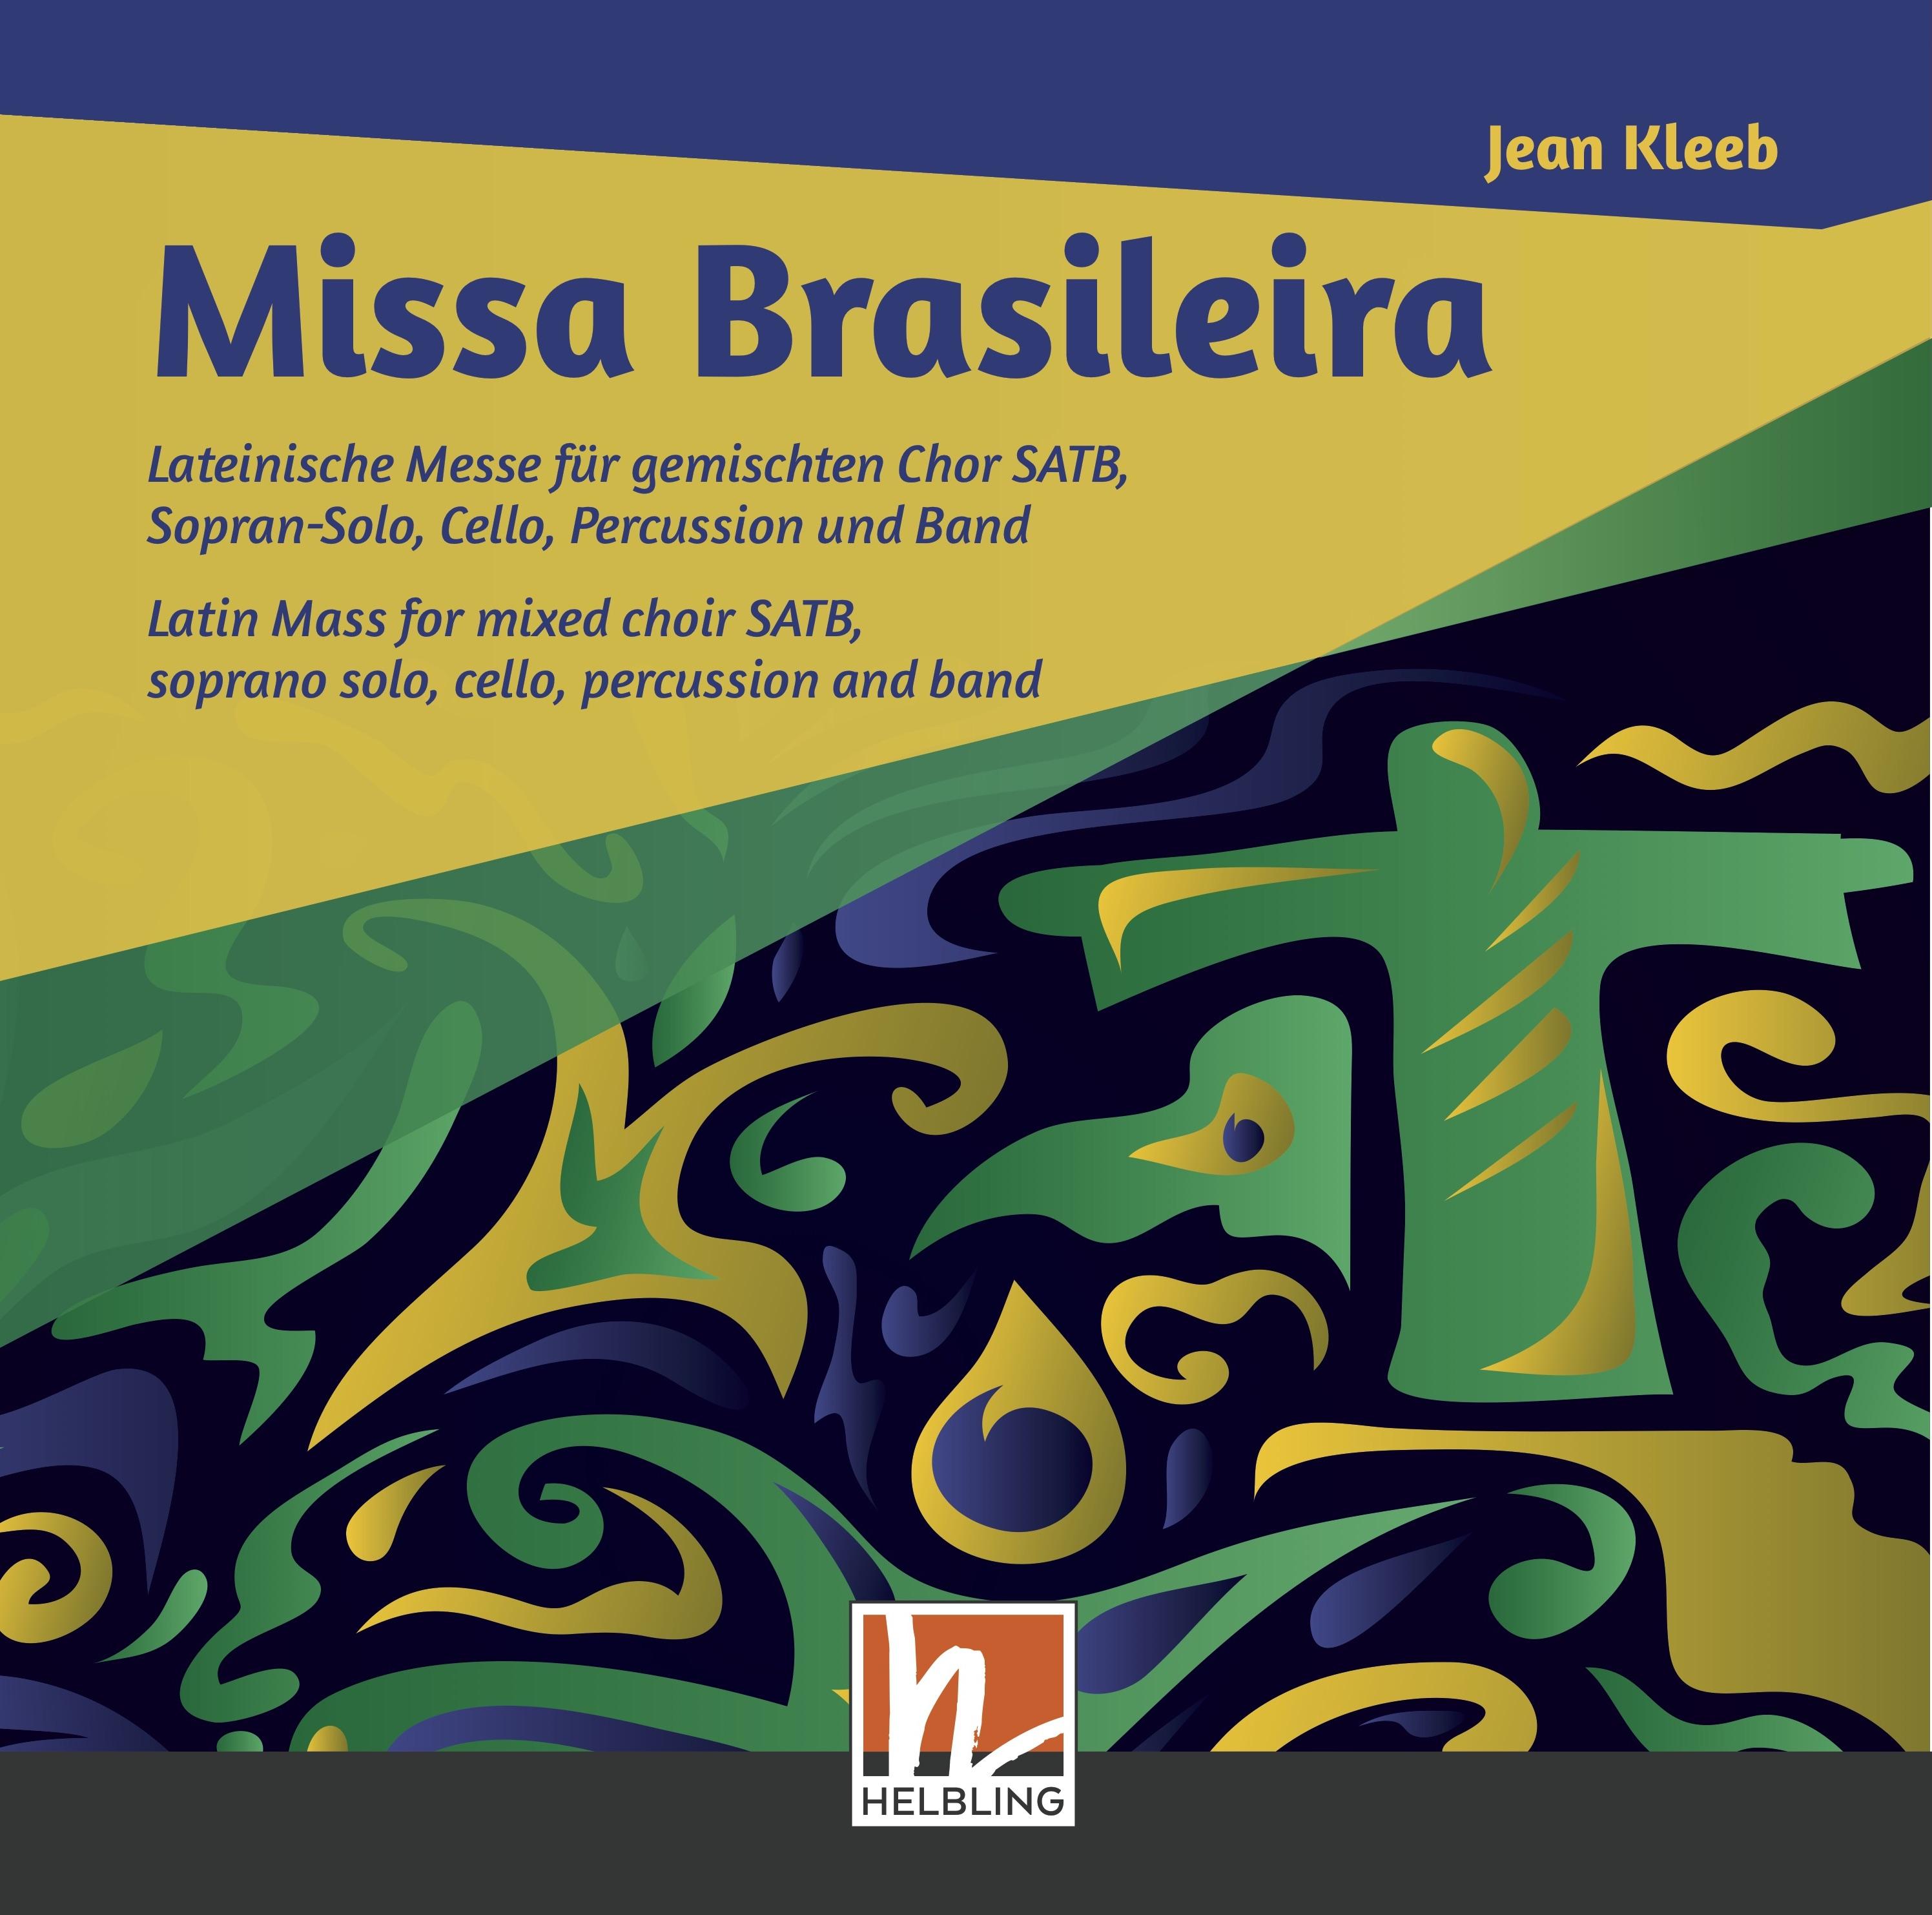 1.Missa_Brasileira.jpg